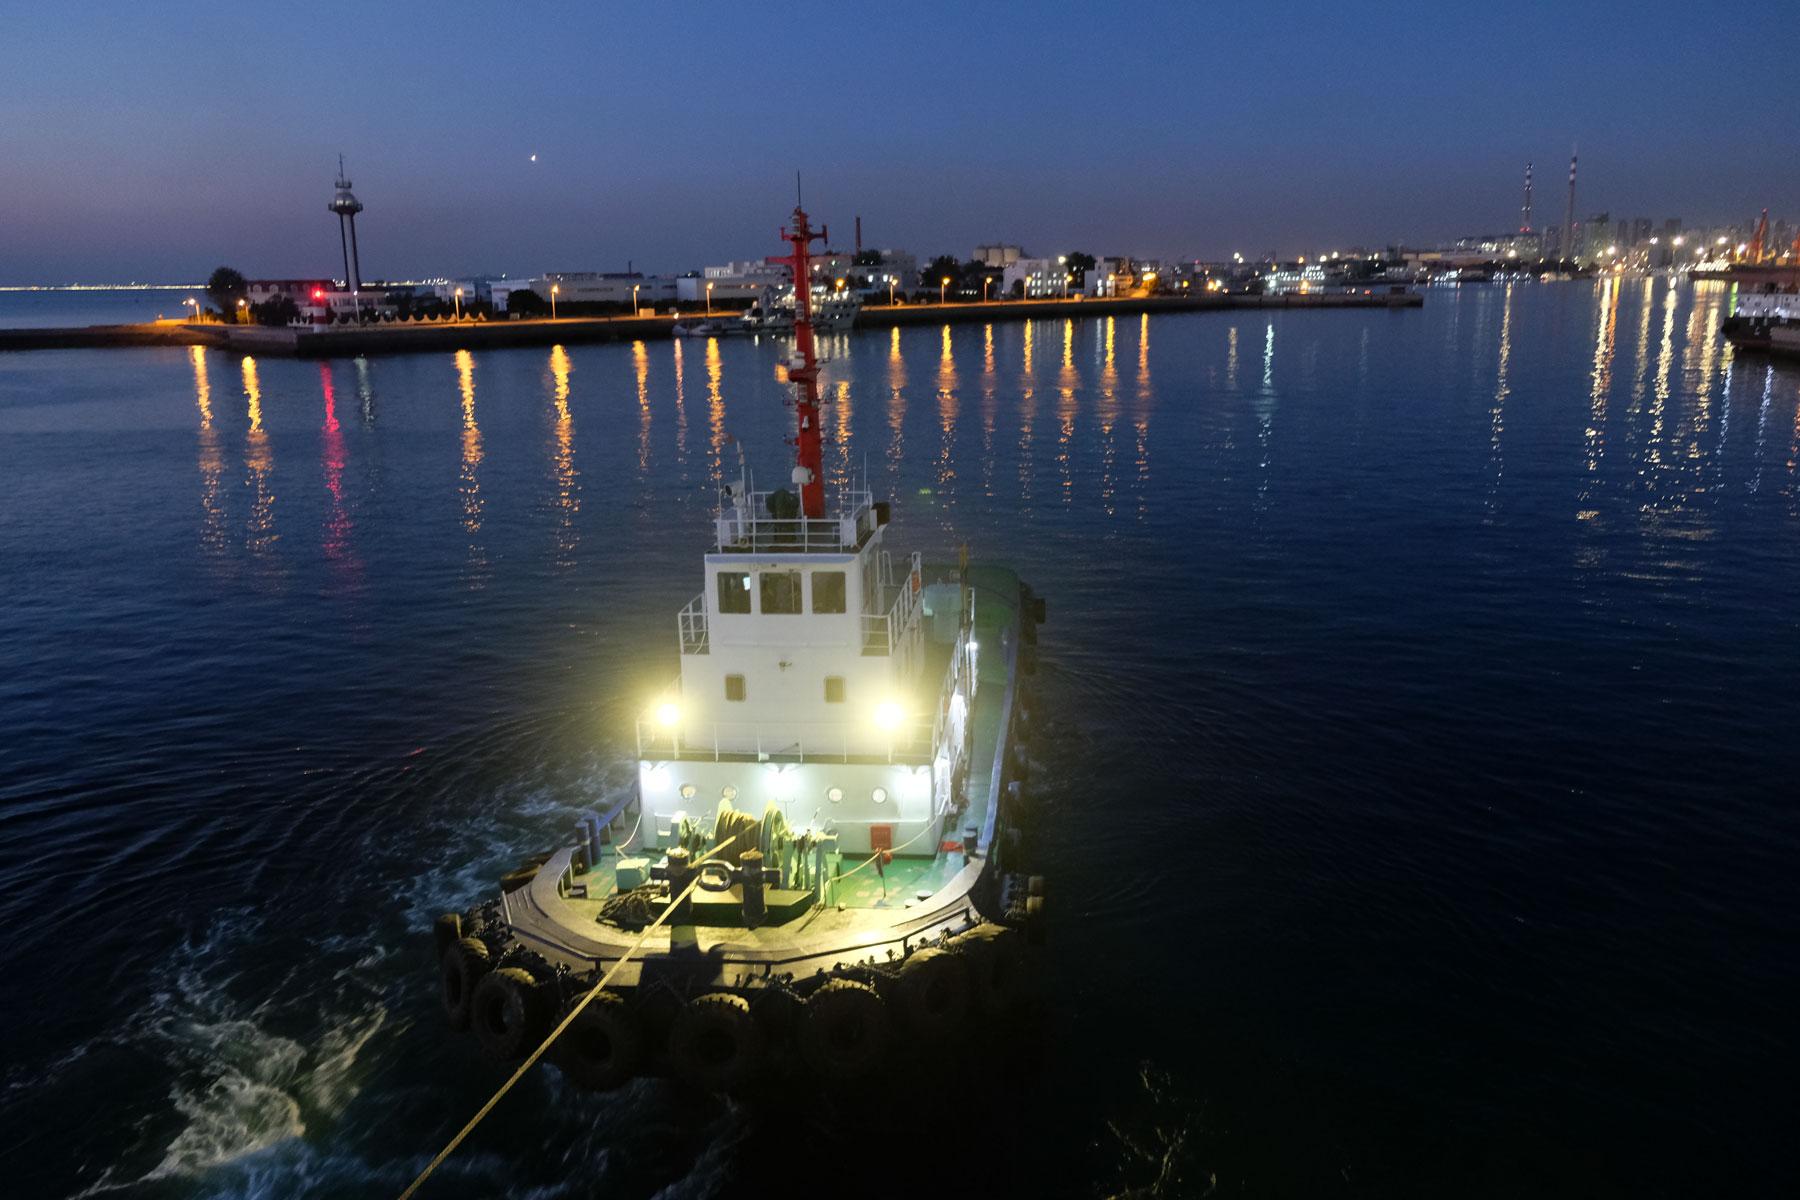 Ein Schleppschiff zieht in der Dunkelheit unsere Fähre aus dem Hafen Qingdao in China.